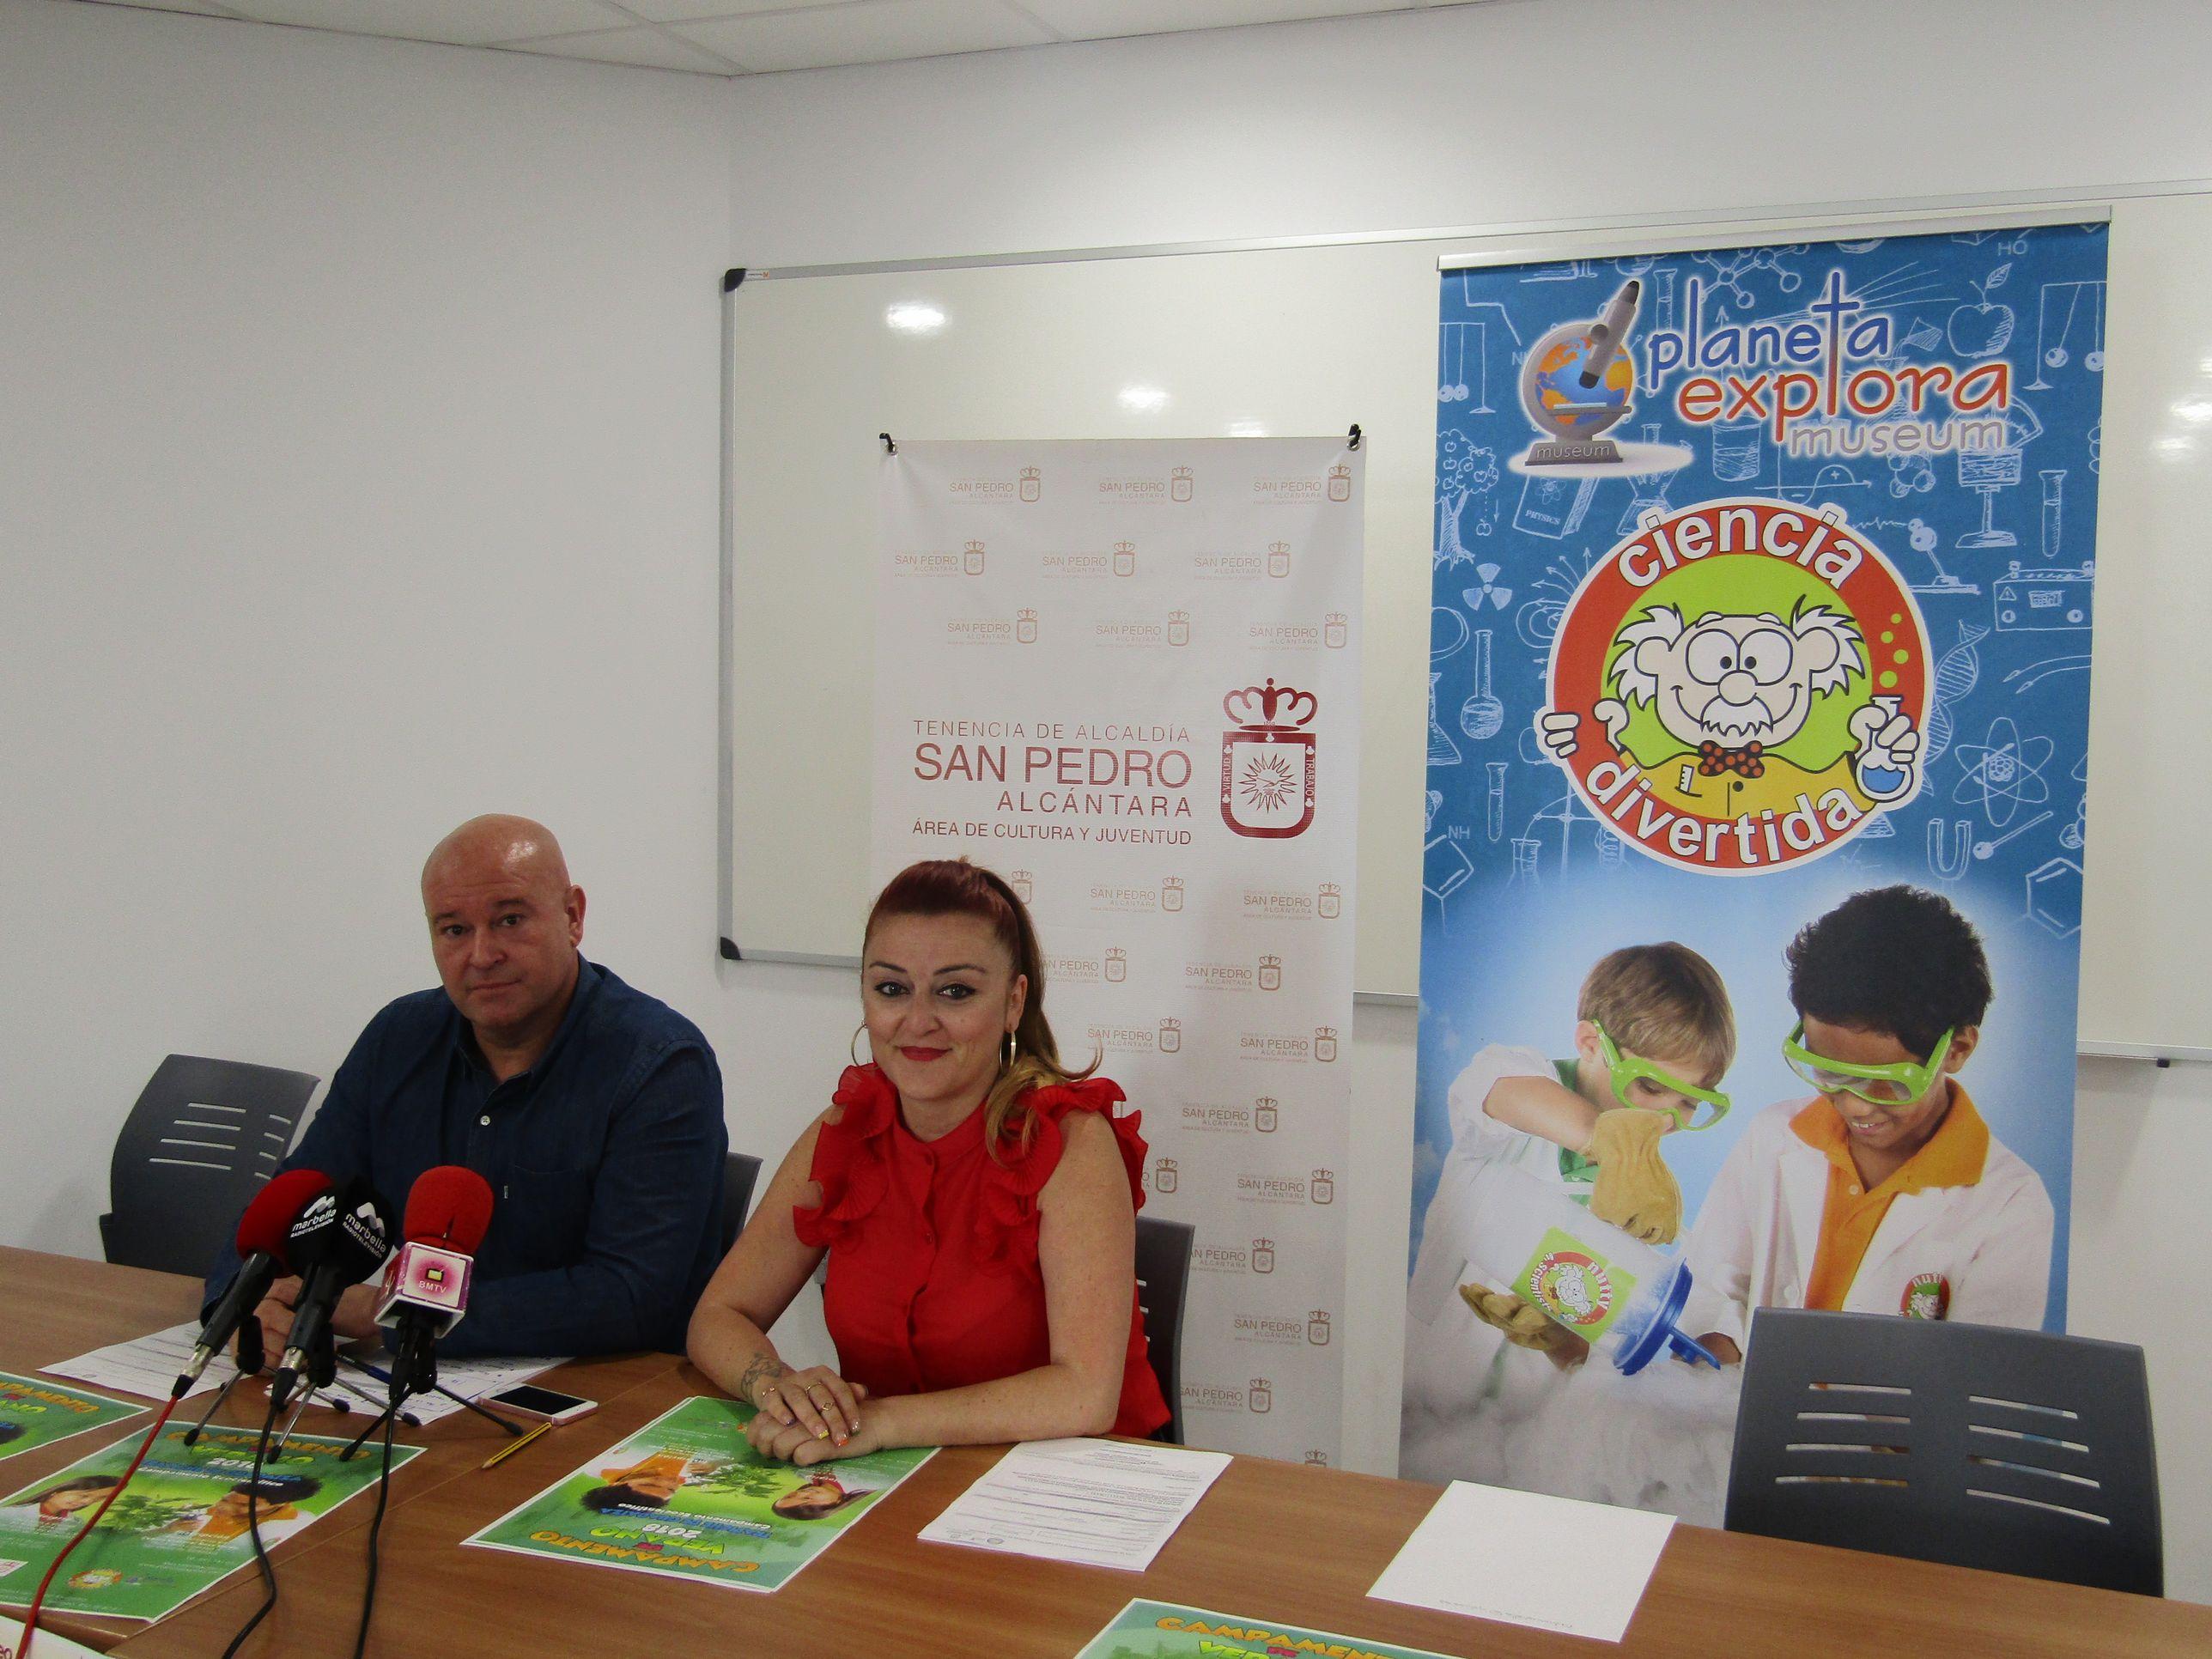 Gema Midón lamenta que Ana Leschiera busque polémicas con el área que mayor programación ofrece en San Pedro